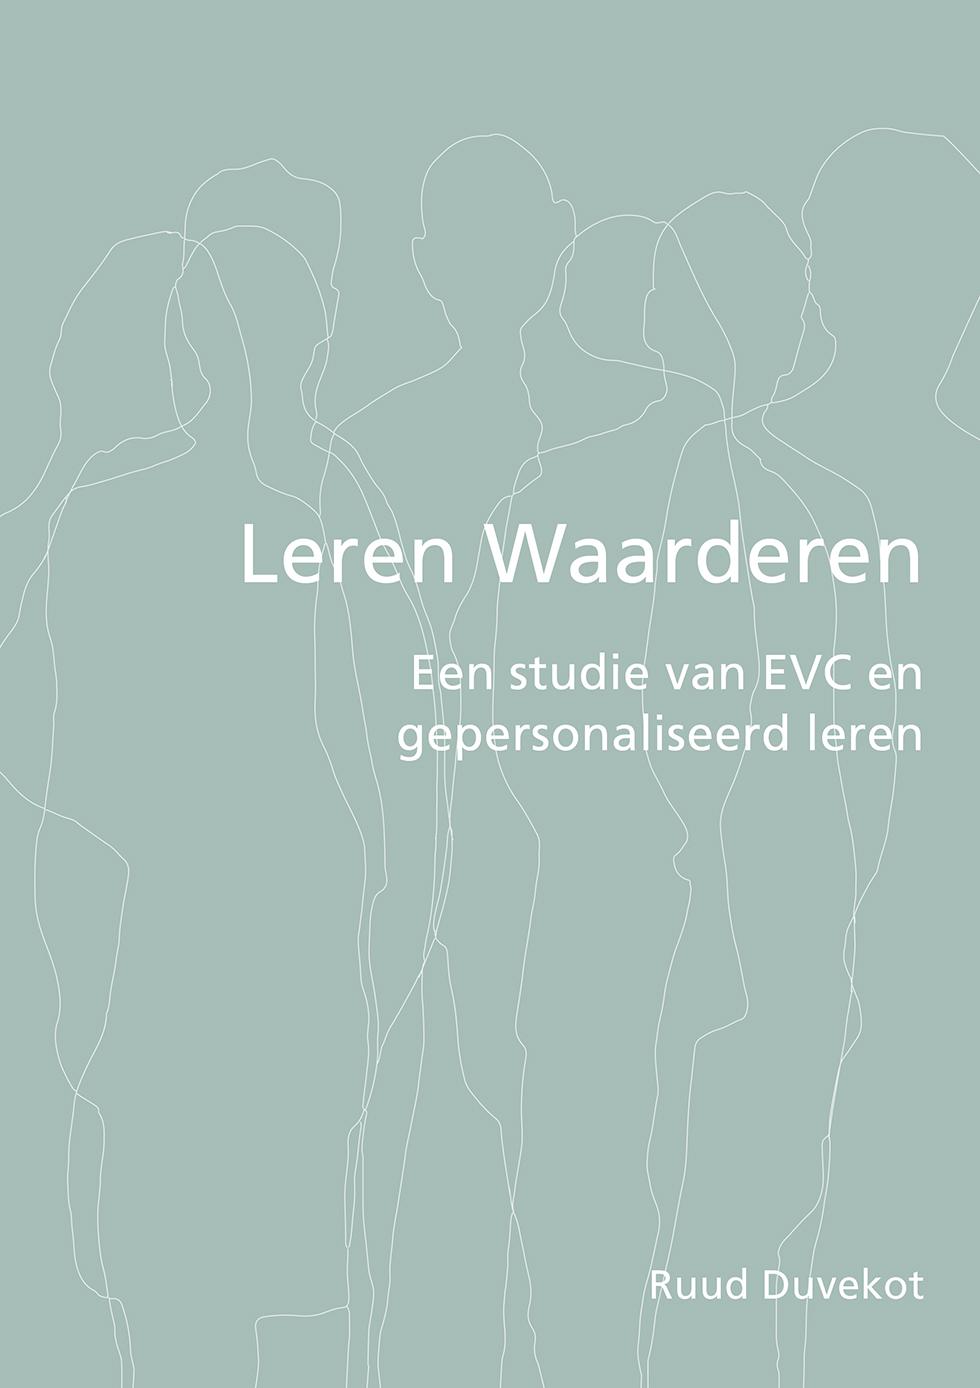 Leren Waarderen (download)